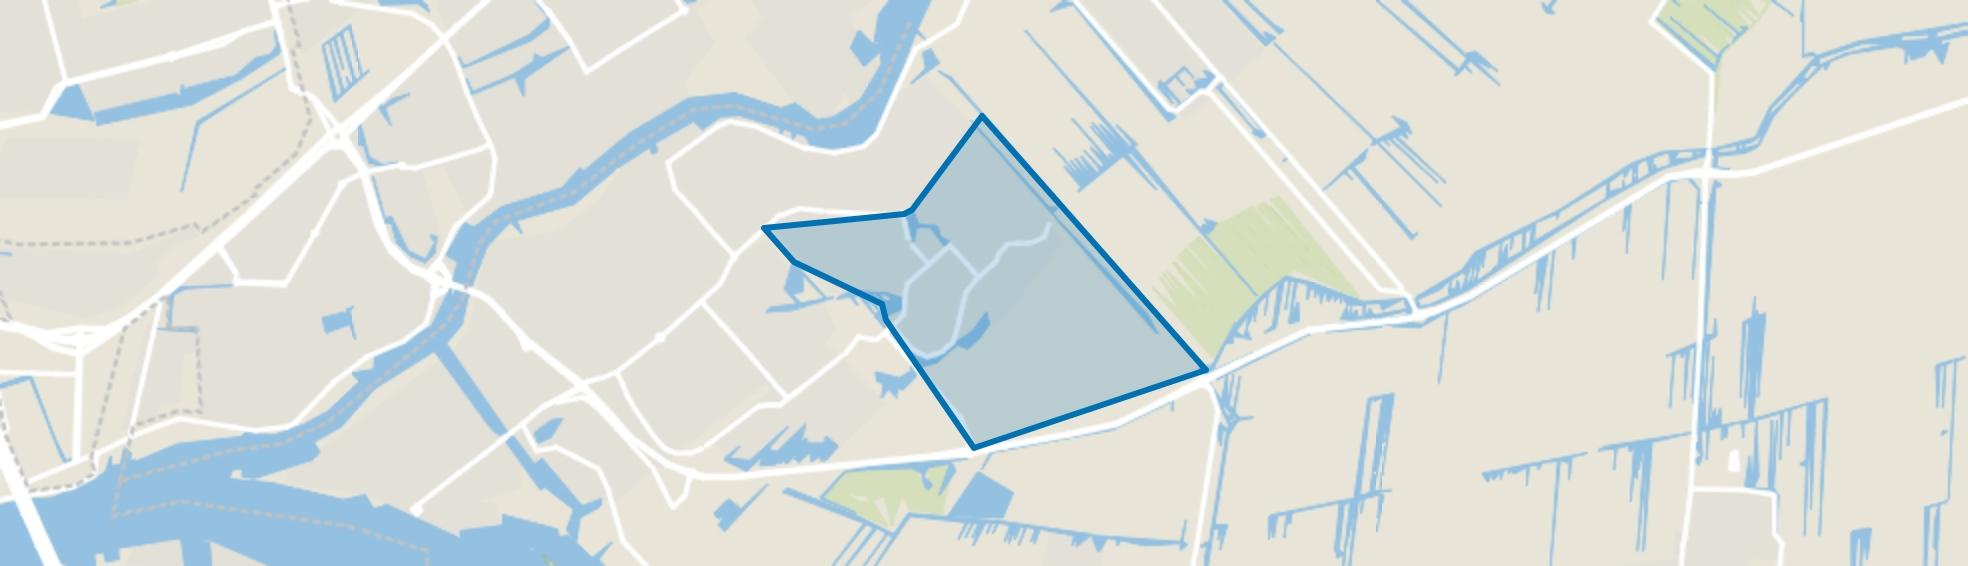 Langeland, Krimpen aan den IJssel map